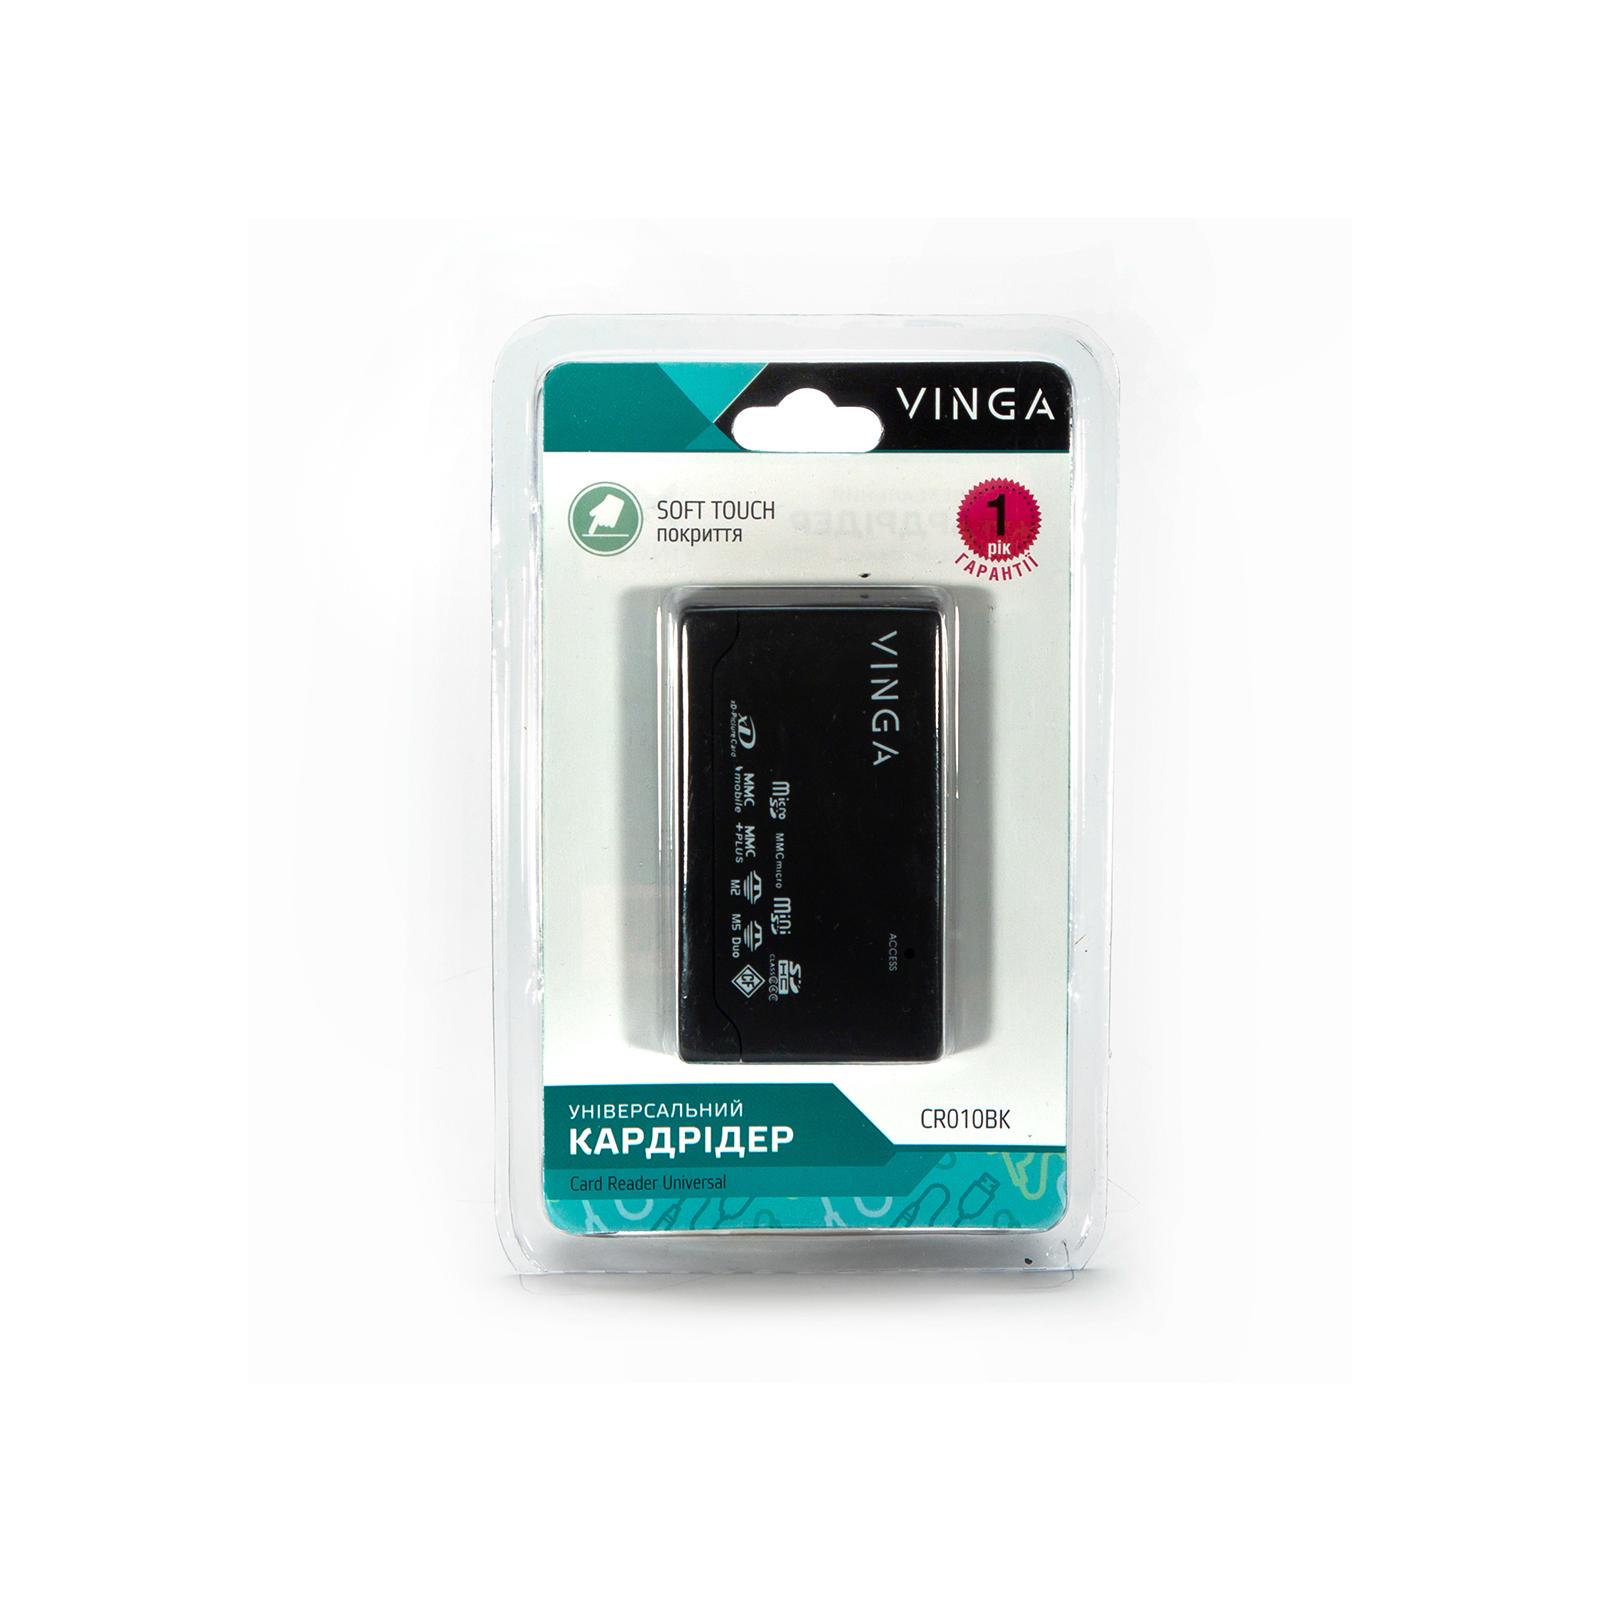 Считыватель флеш-карт Vinga CR010BK изображение 8